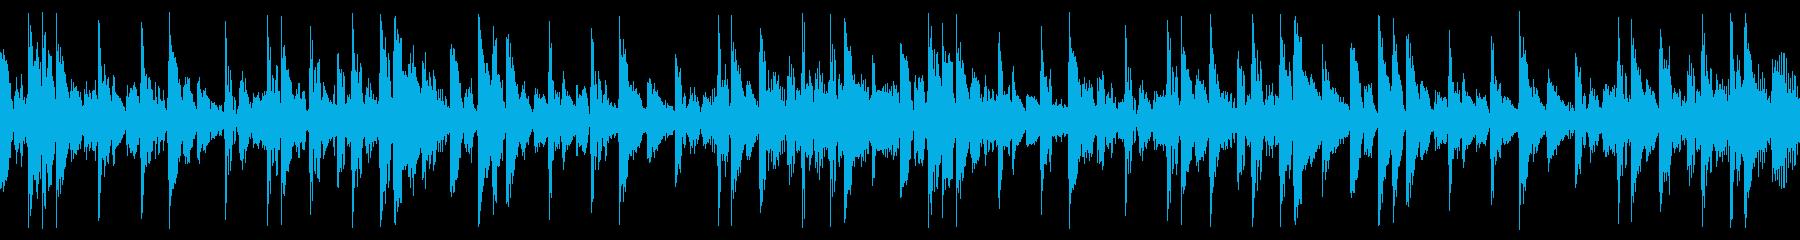 ファンキーなリズムのテクノポップの再生済みの波形